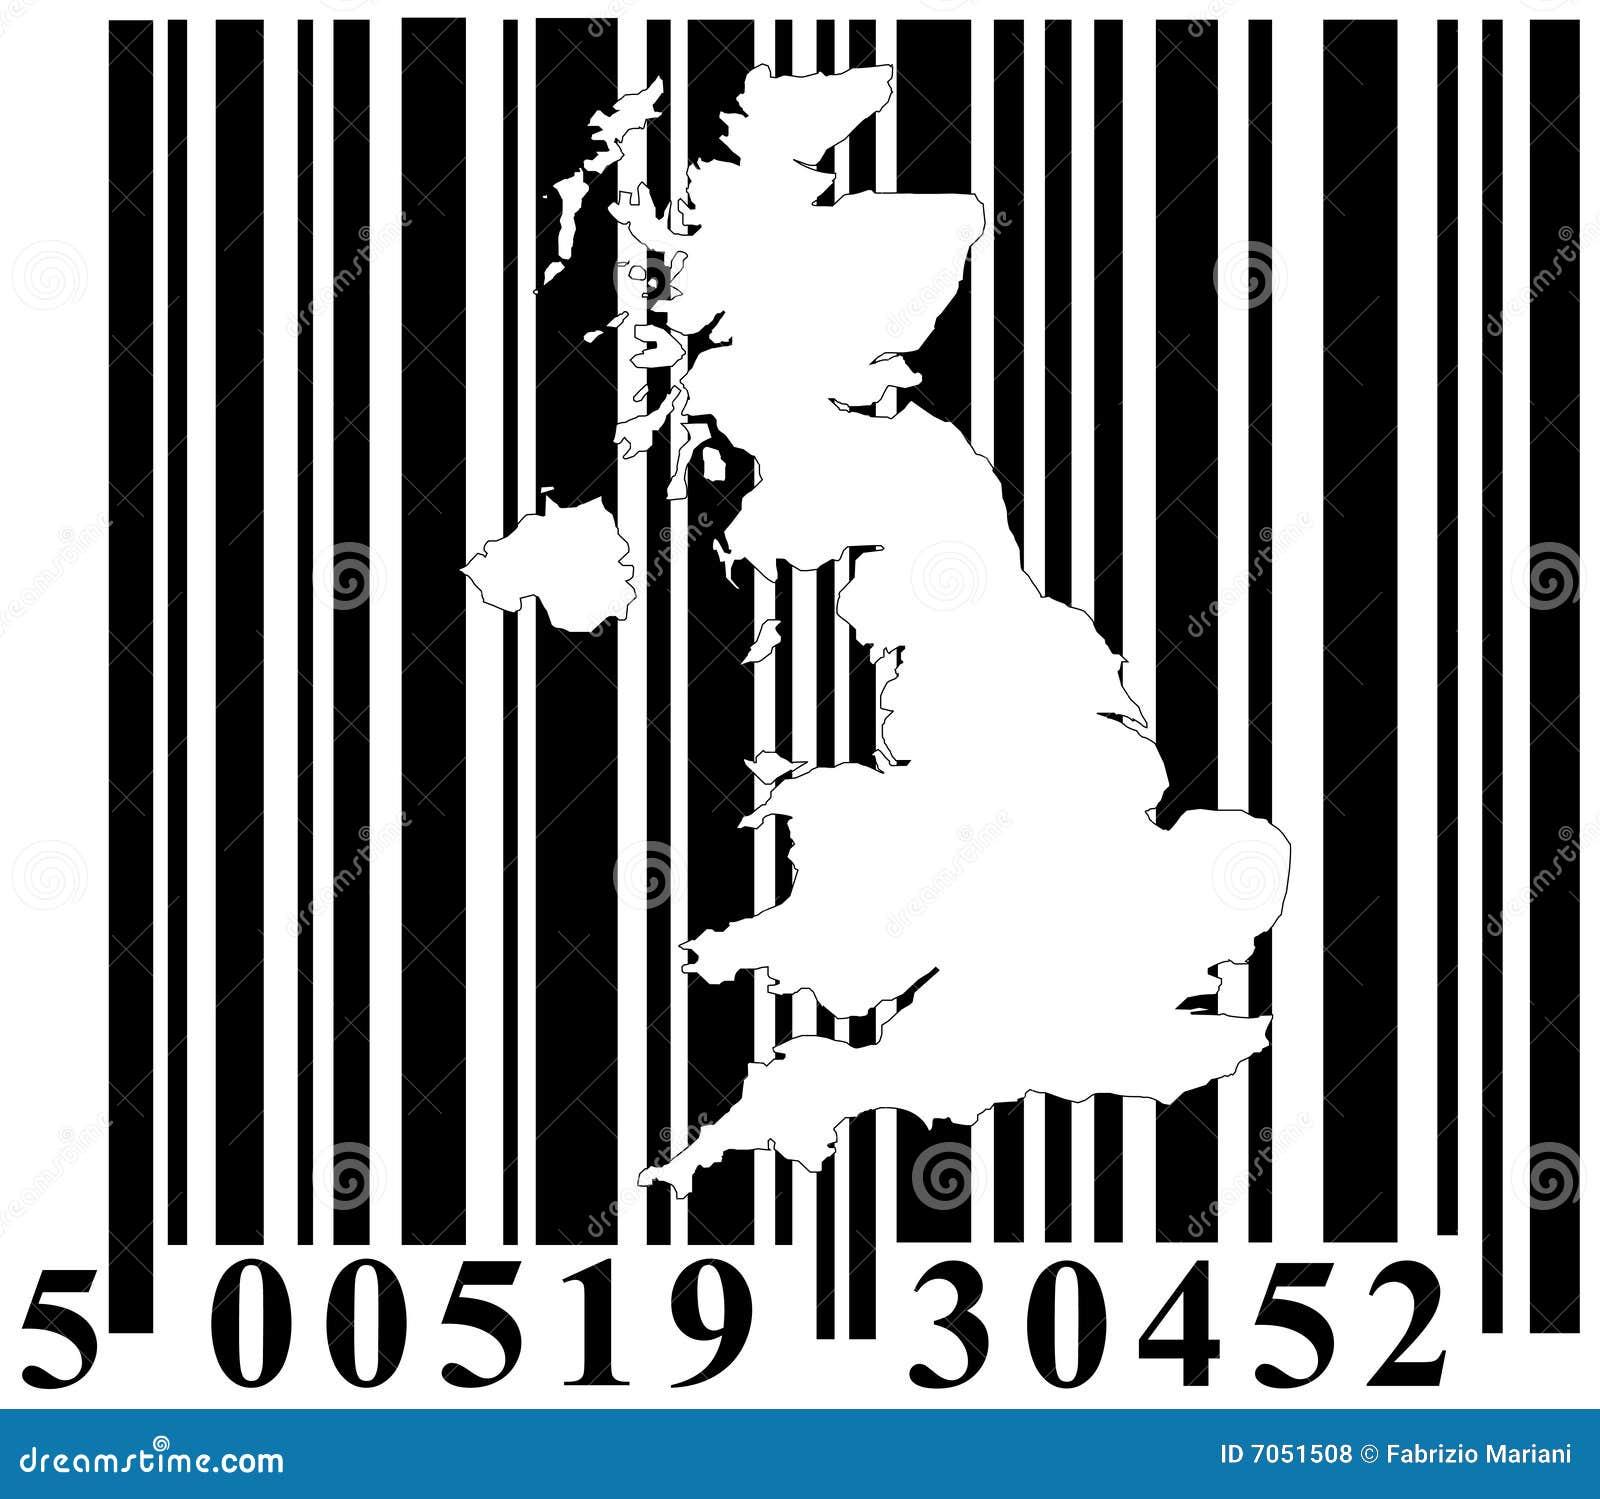 条形码英国巨大分级显示